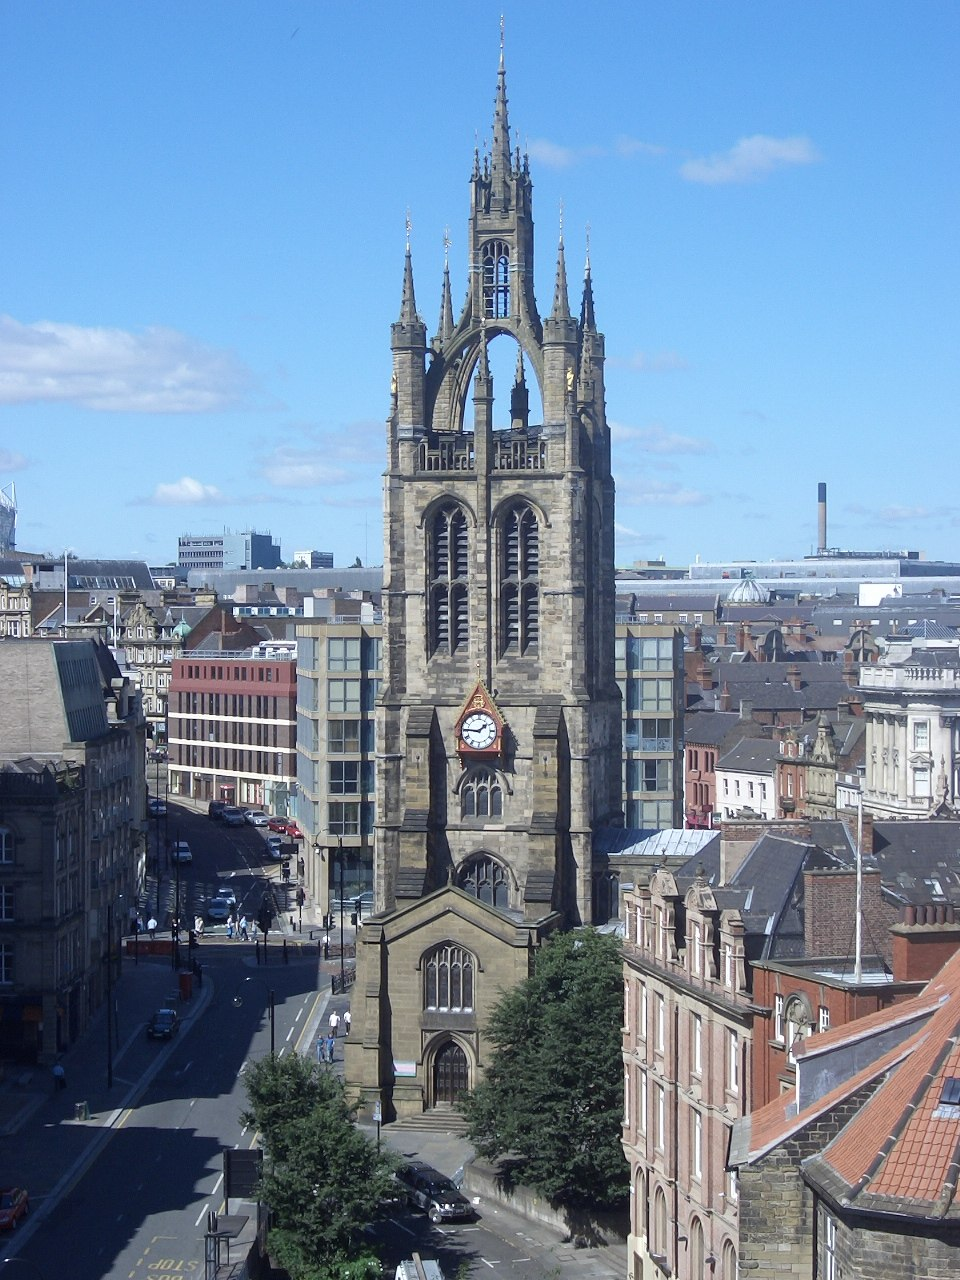 Newcastle upon Tyne, England